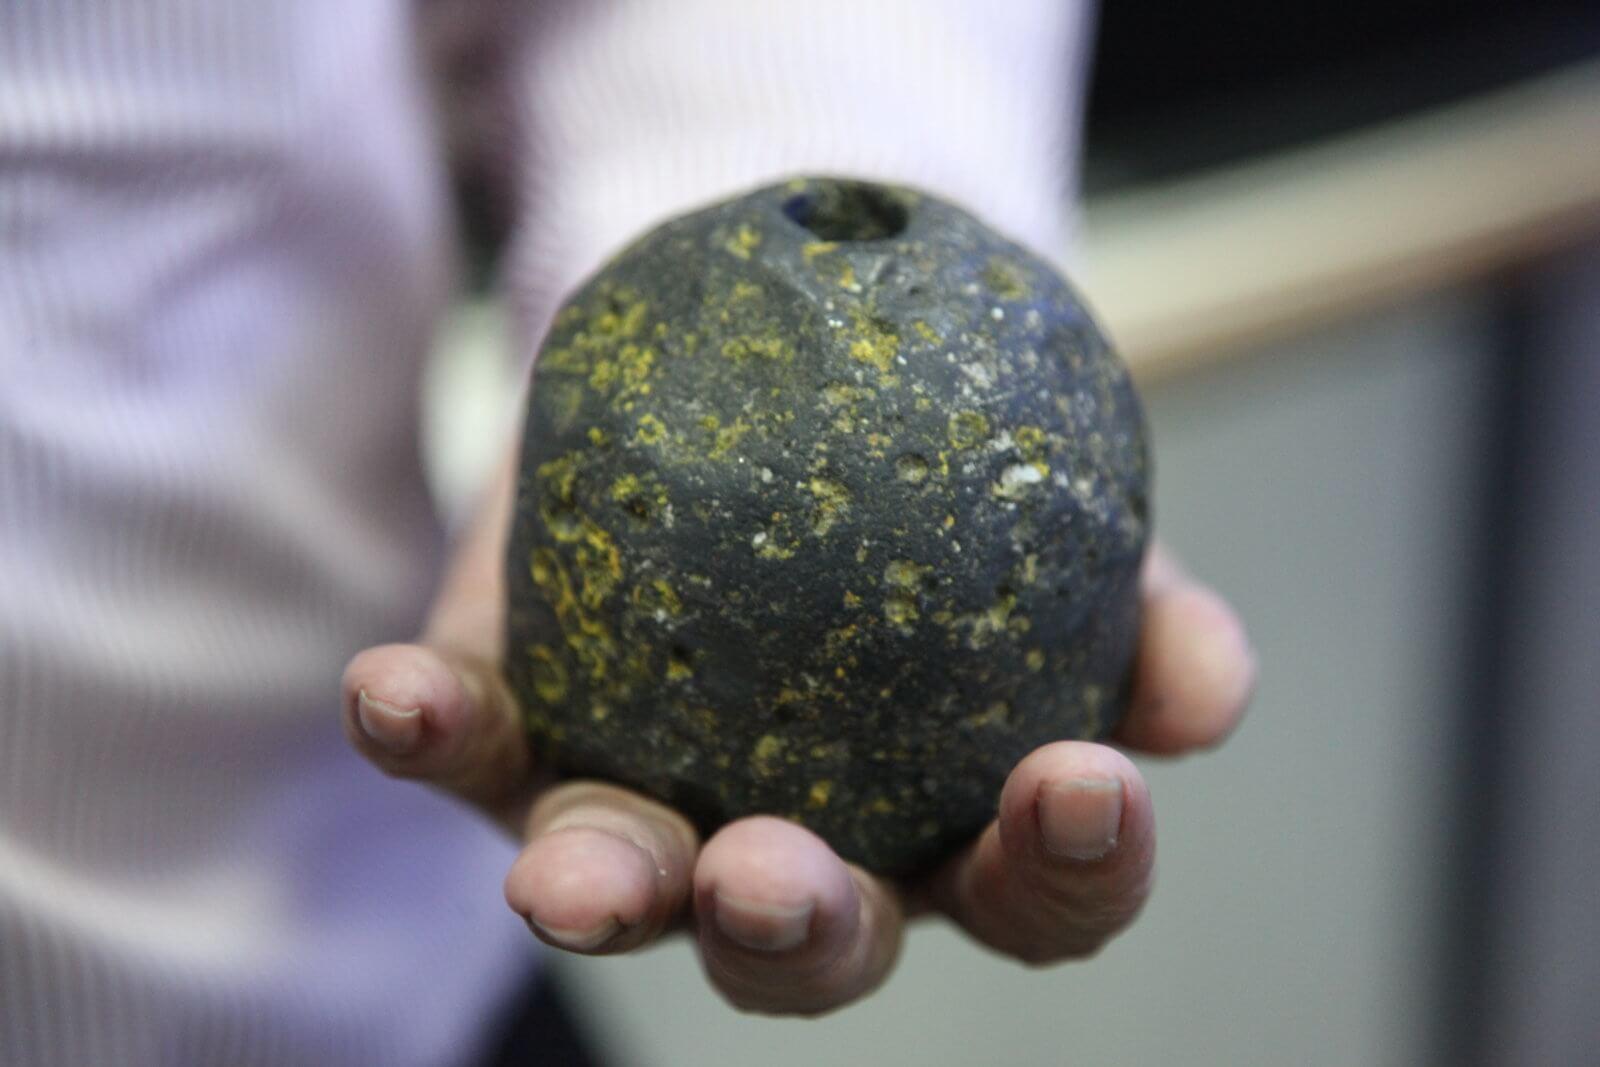 Где мой плутоний, чувак? У американских госслужащих украли радиоактивные изотопы из арендованной машины